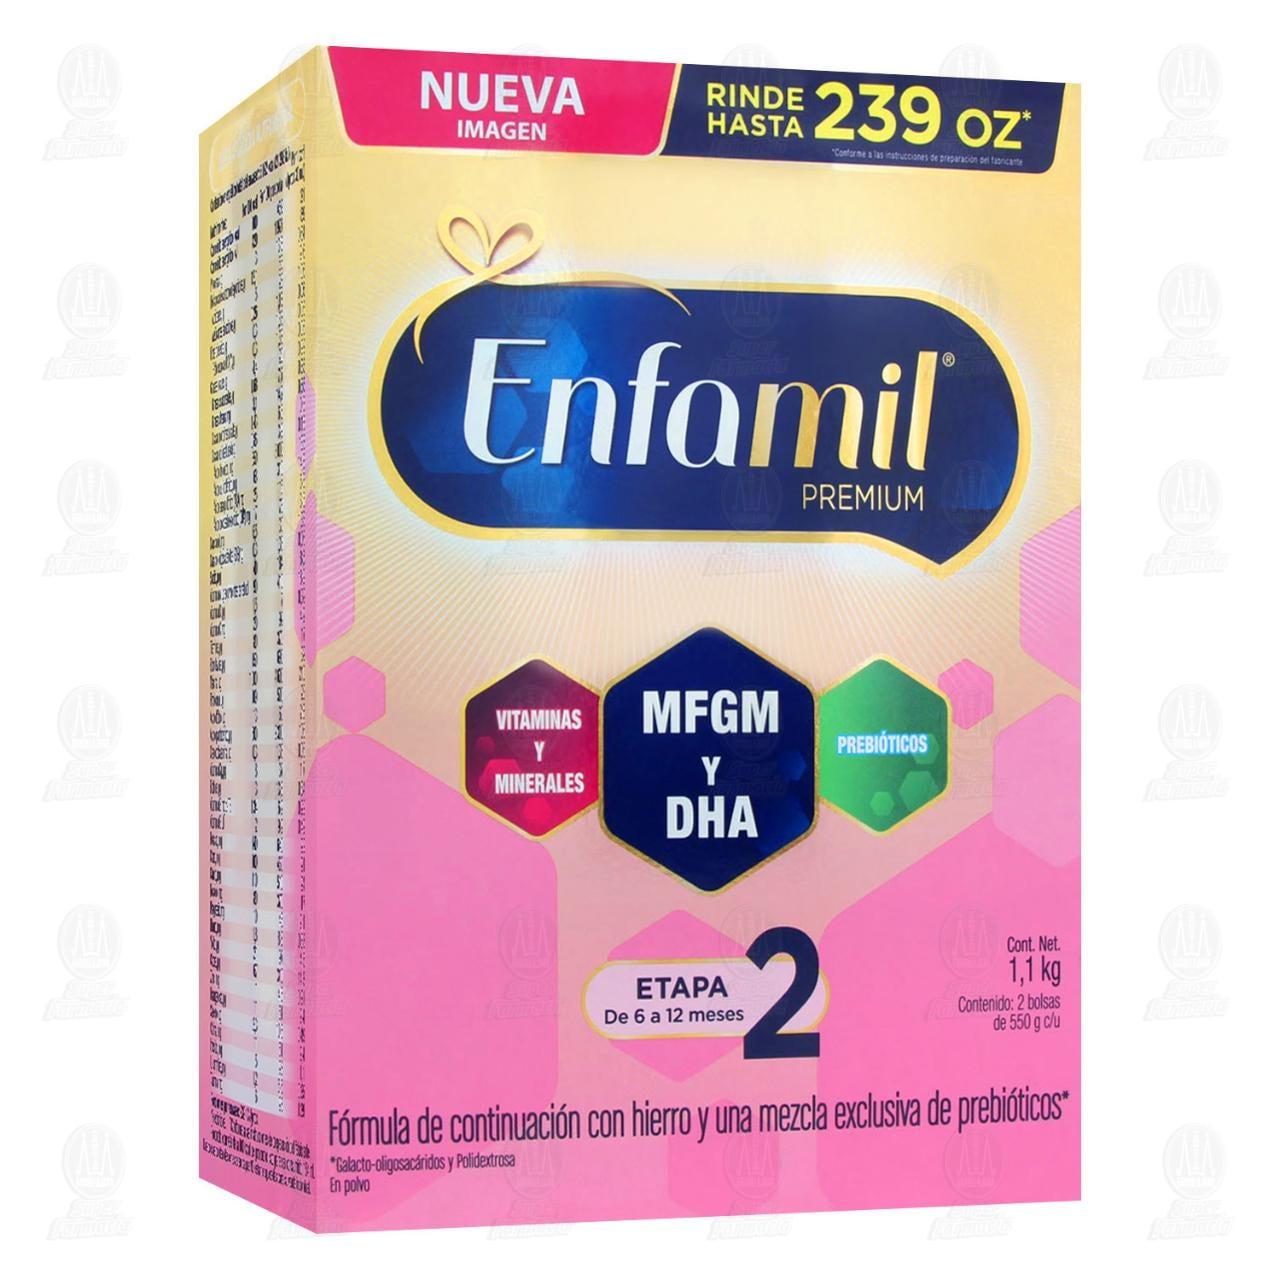 Comprar Fórmula Infantil Enfamil Premium Etapa 2, 6 a 12 Meses, 1.1 kg. en Farmacias Guadalajara